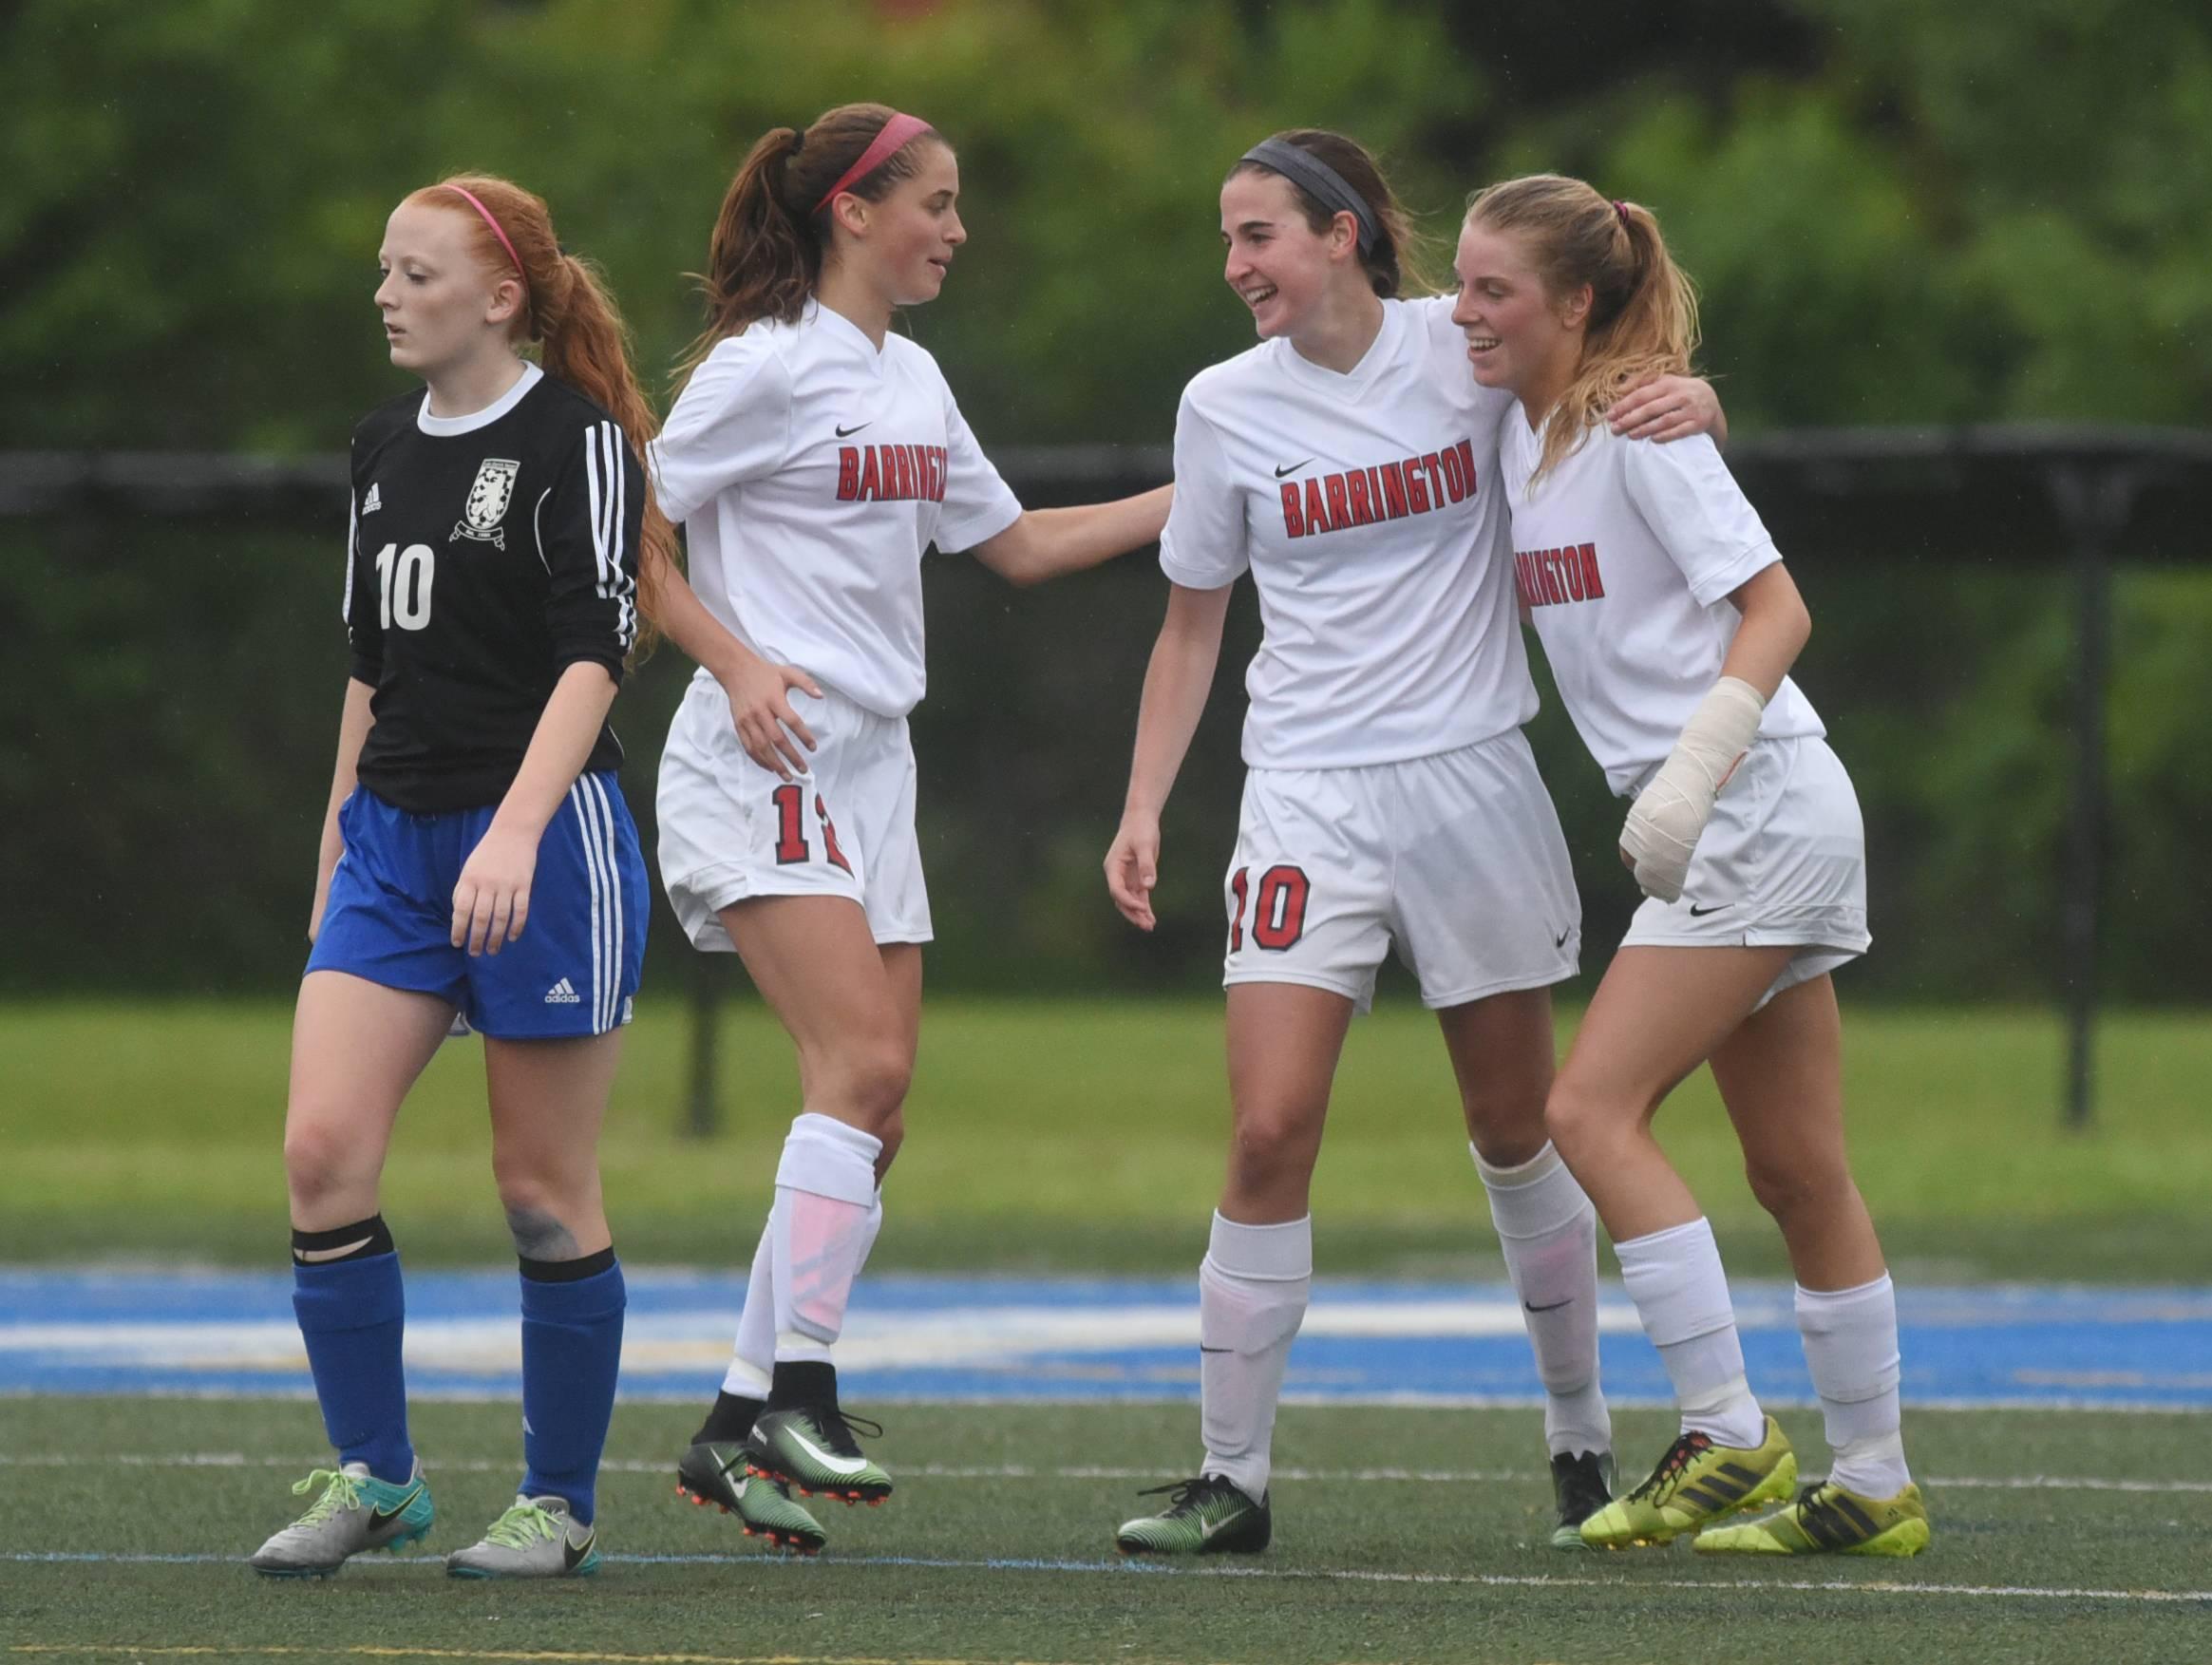 Girls soccer: Winning formula holds up for Barrington against Lake Zurich